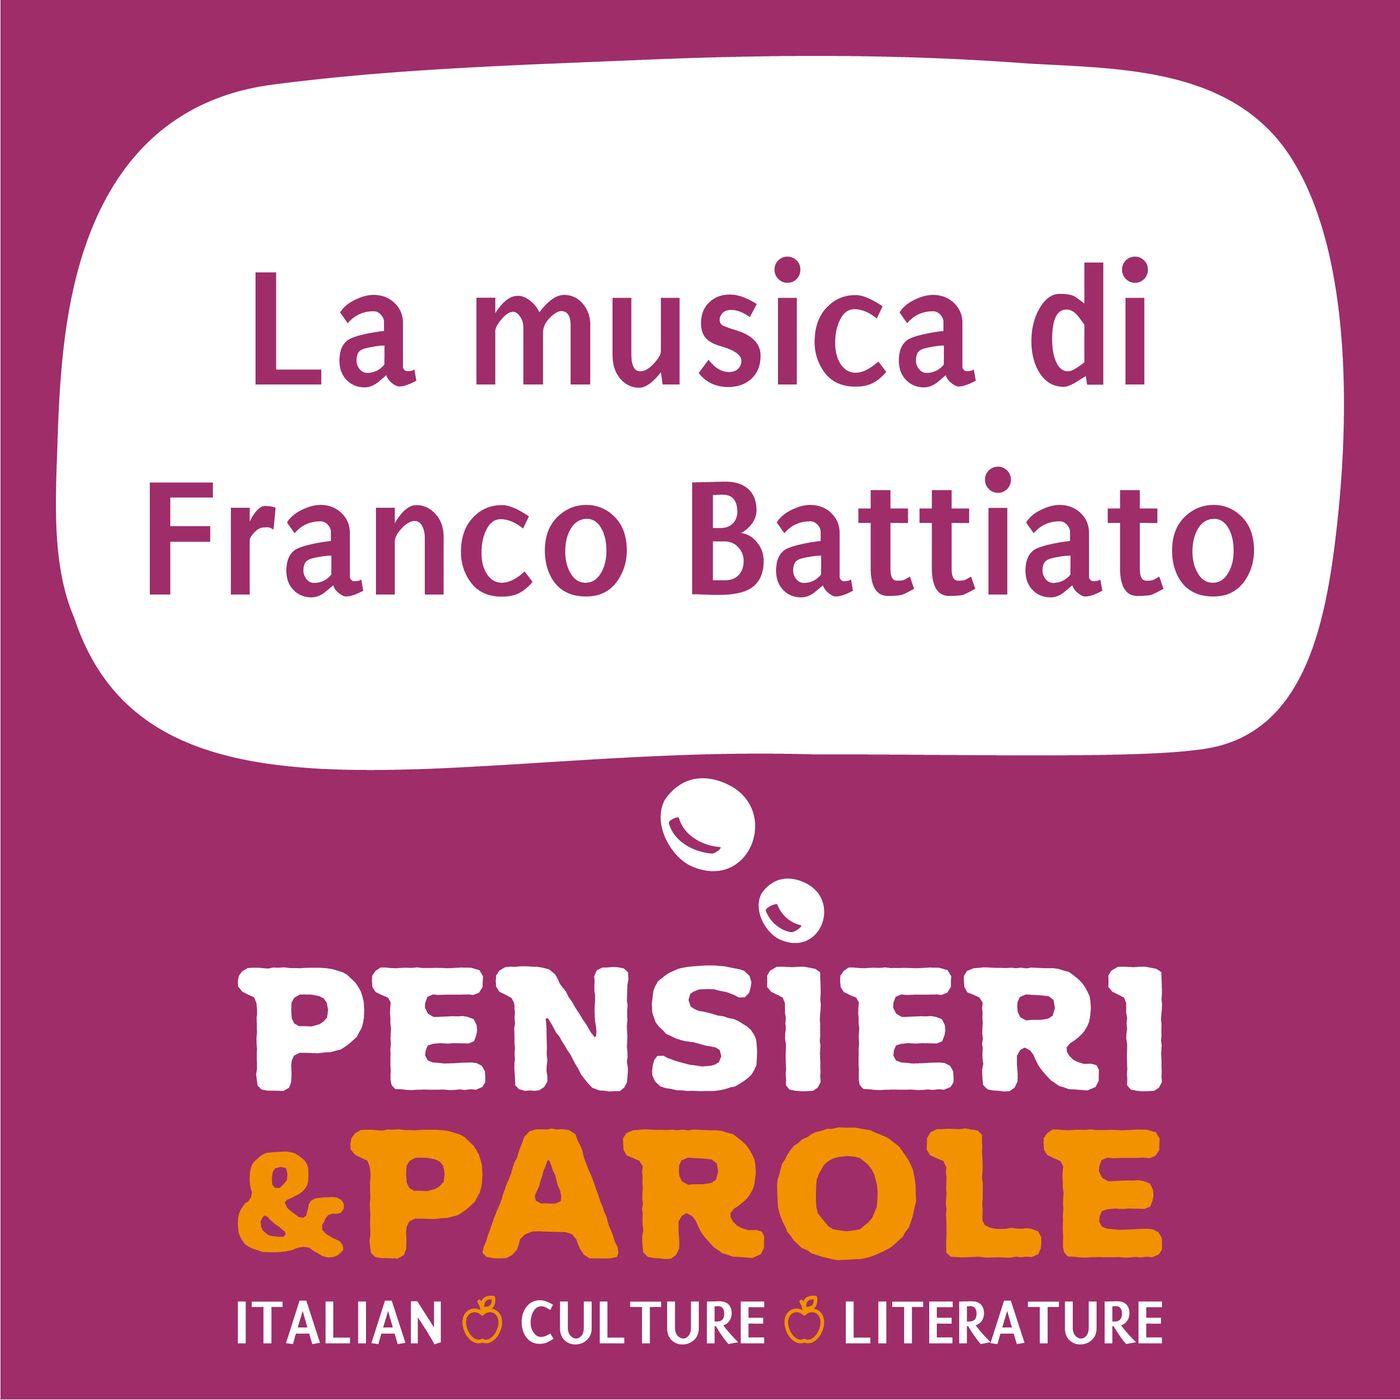 79_La musica di Franco Battiato